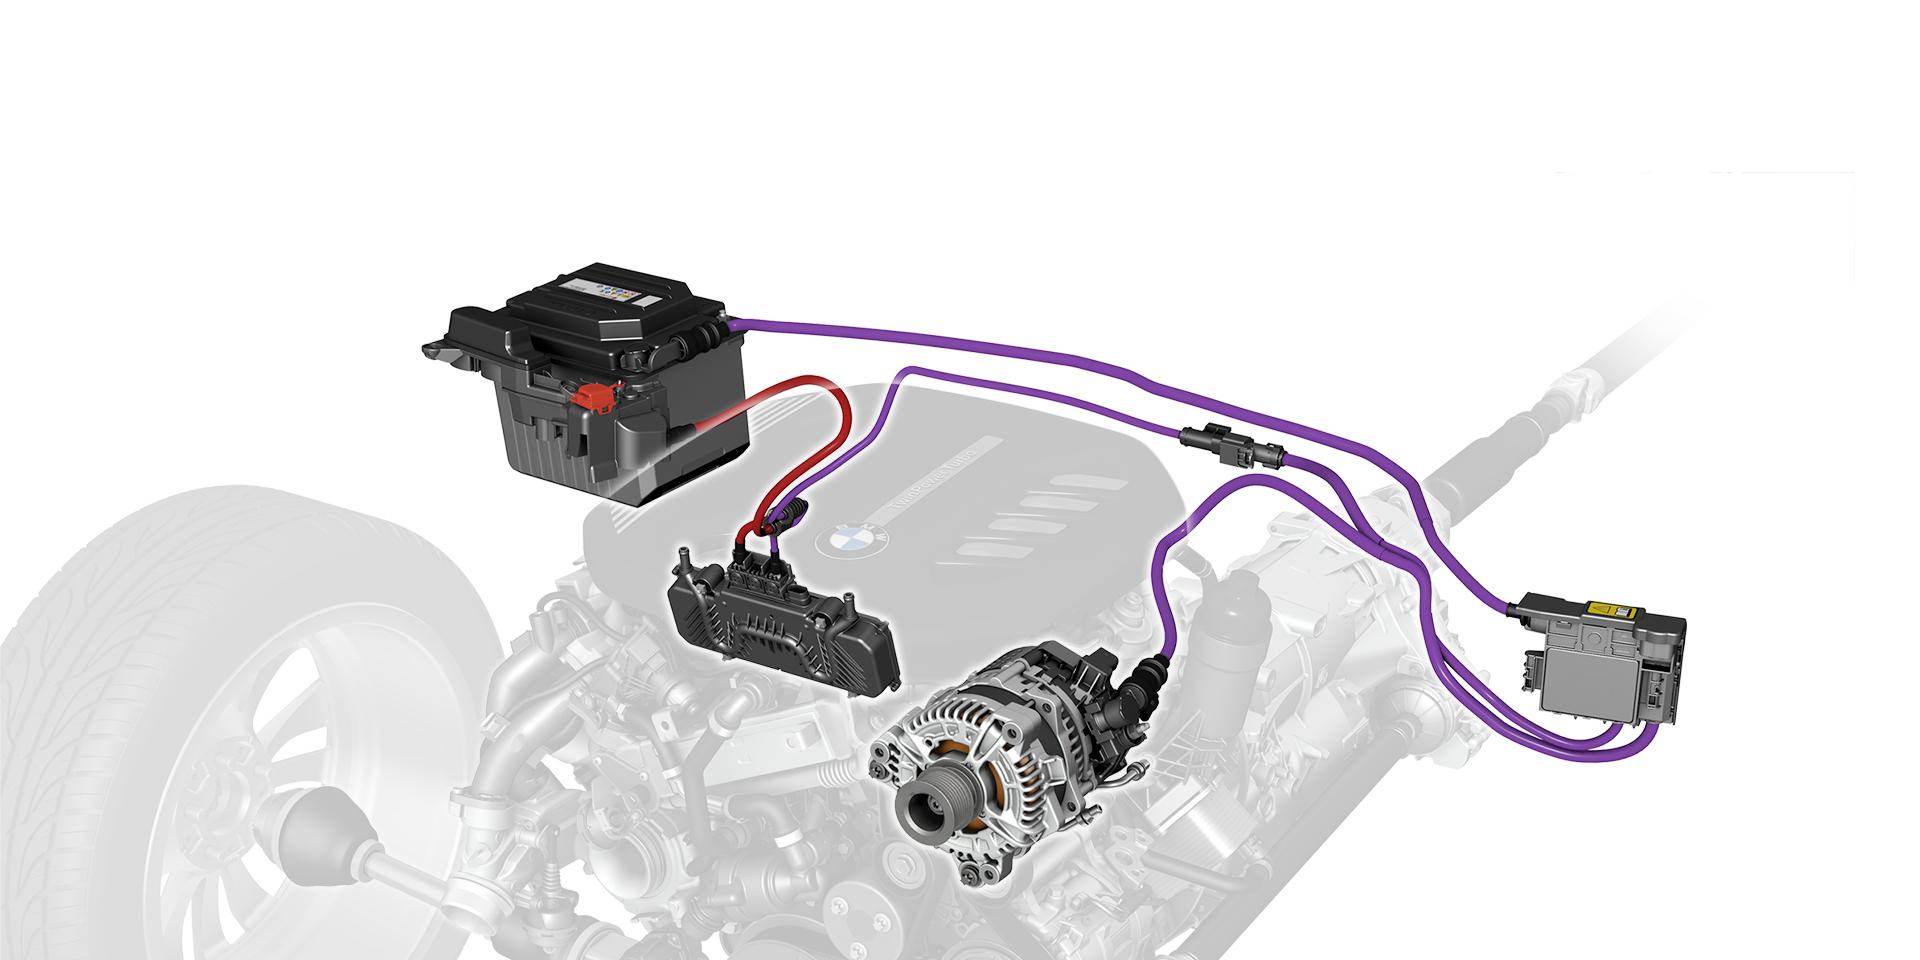 Mini Mild hybrid MINI's Last Internal Combustion Engines